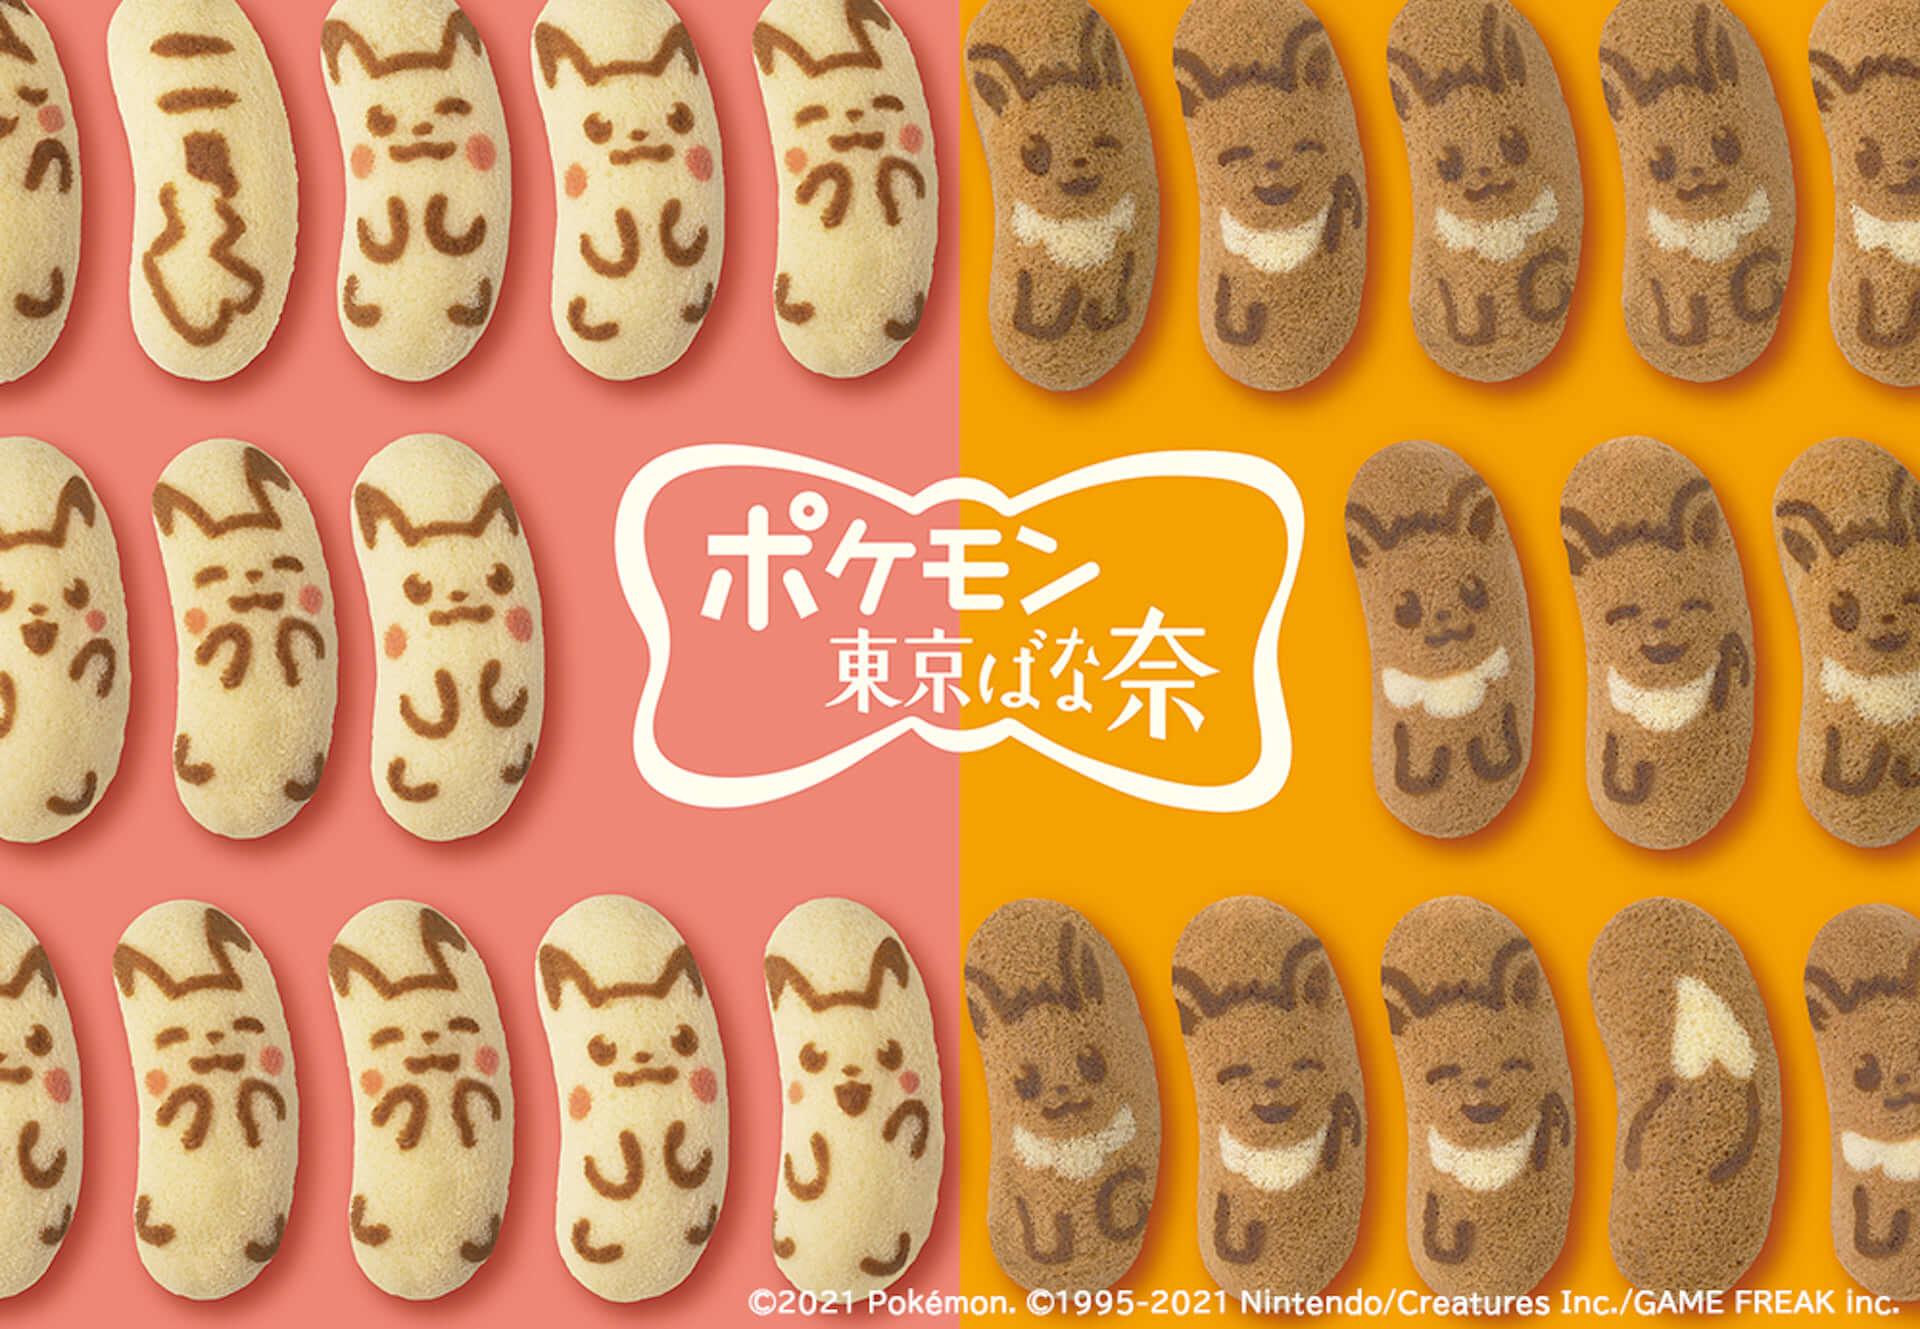 ピカチュウとイーブイをモチーフにした「ポケモン東京ばな奈」が東北4県に初上陸!岩手・宮城・山形・福島にて期間限定発売 gourmet210302_tokyobanana-pokemon_1-1920x1329